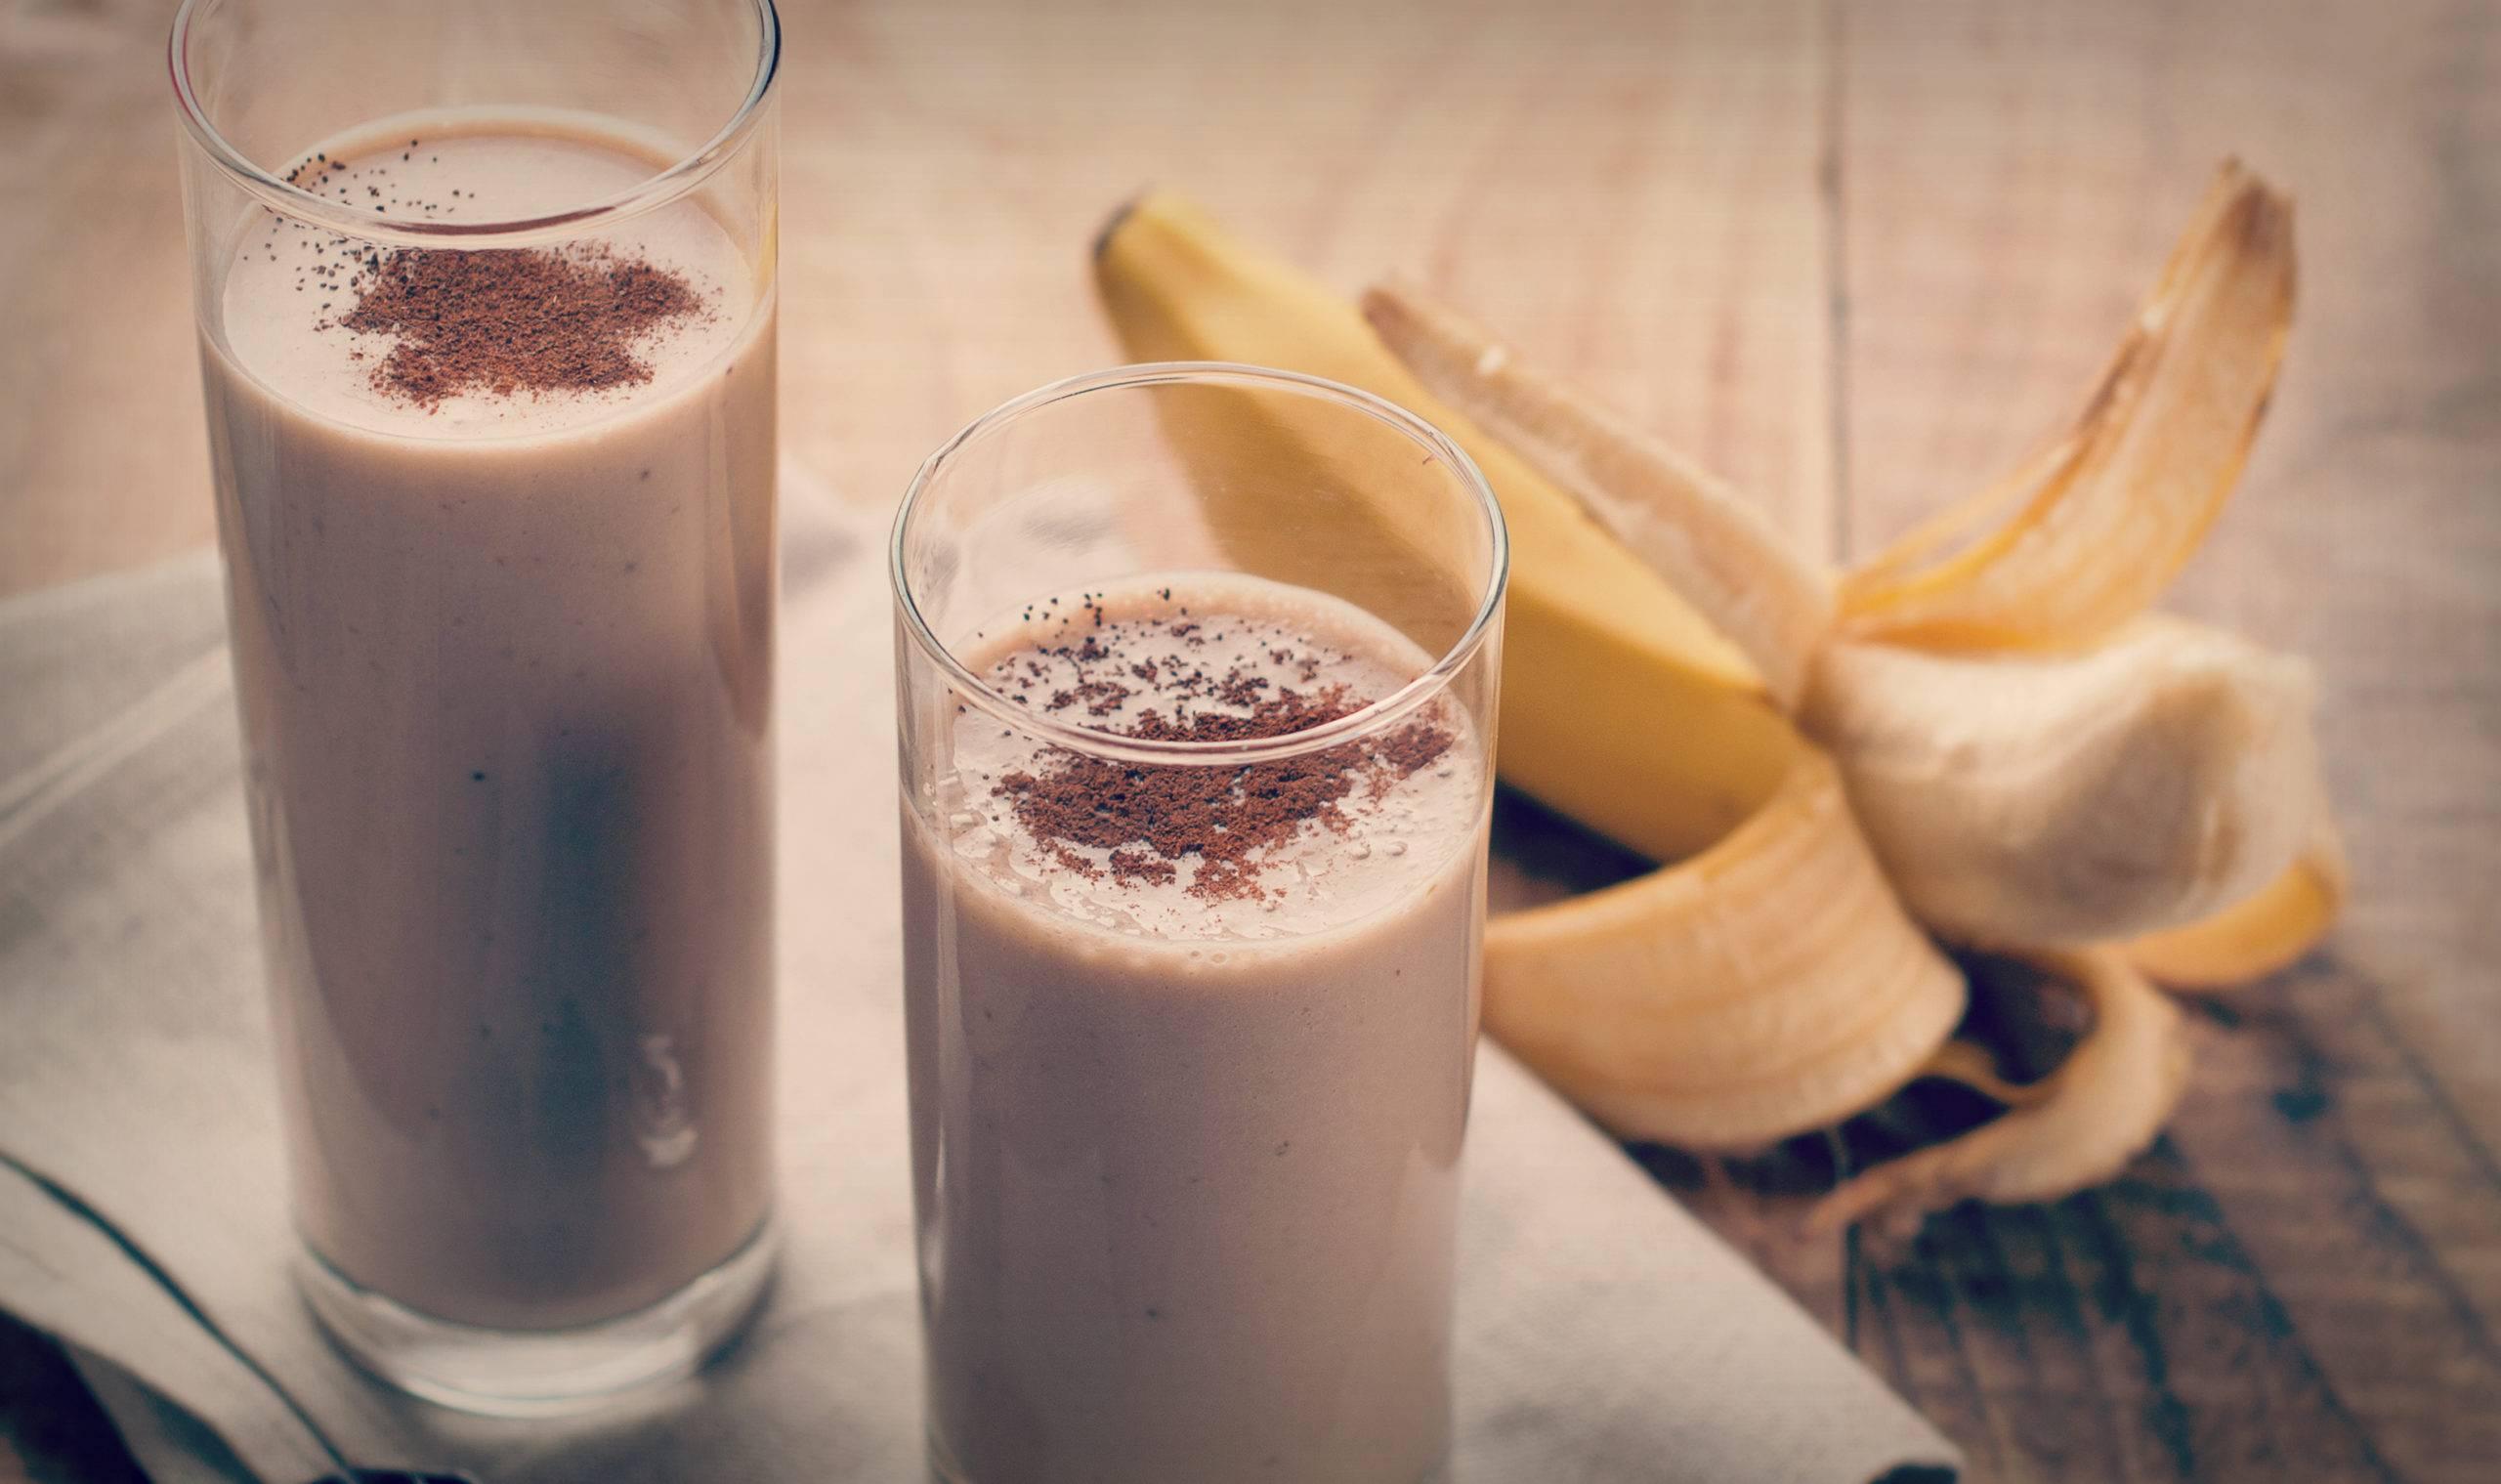 Банановый смузи в блендере. рецепт с молоком, овсянкой, кефиром, мороженым, какао, сливками. фото пошагово